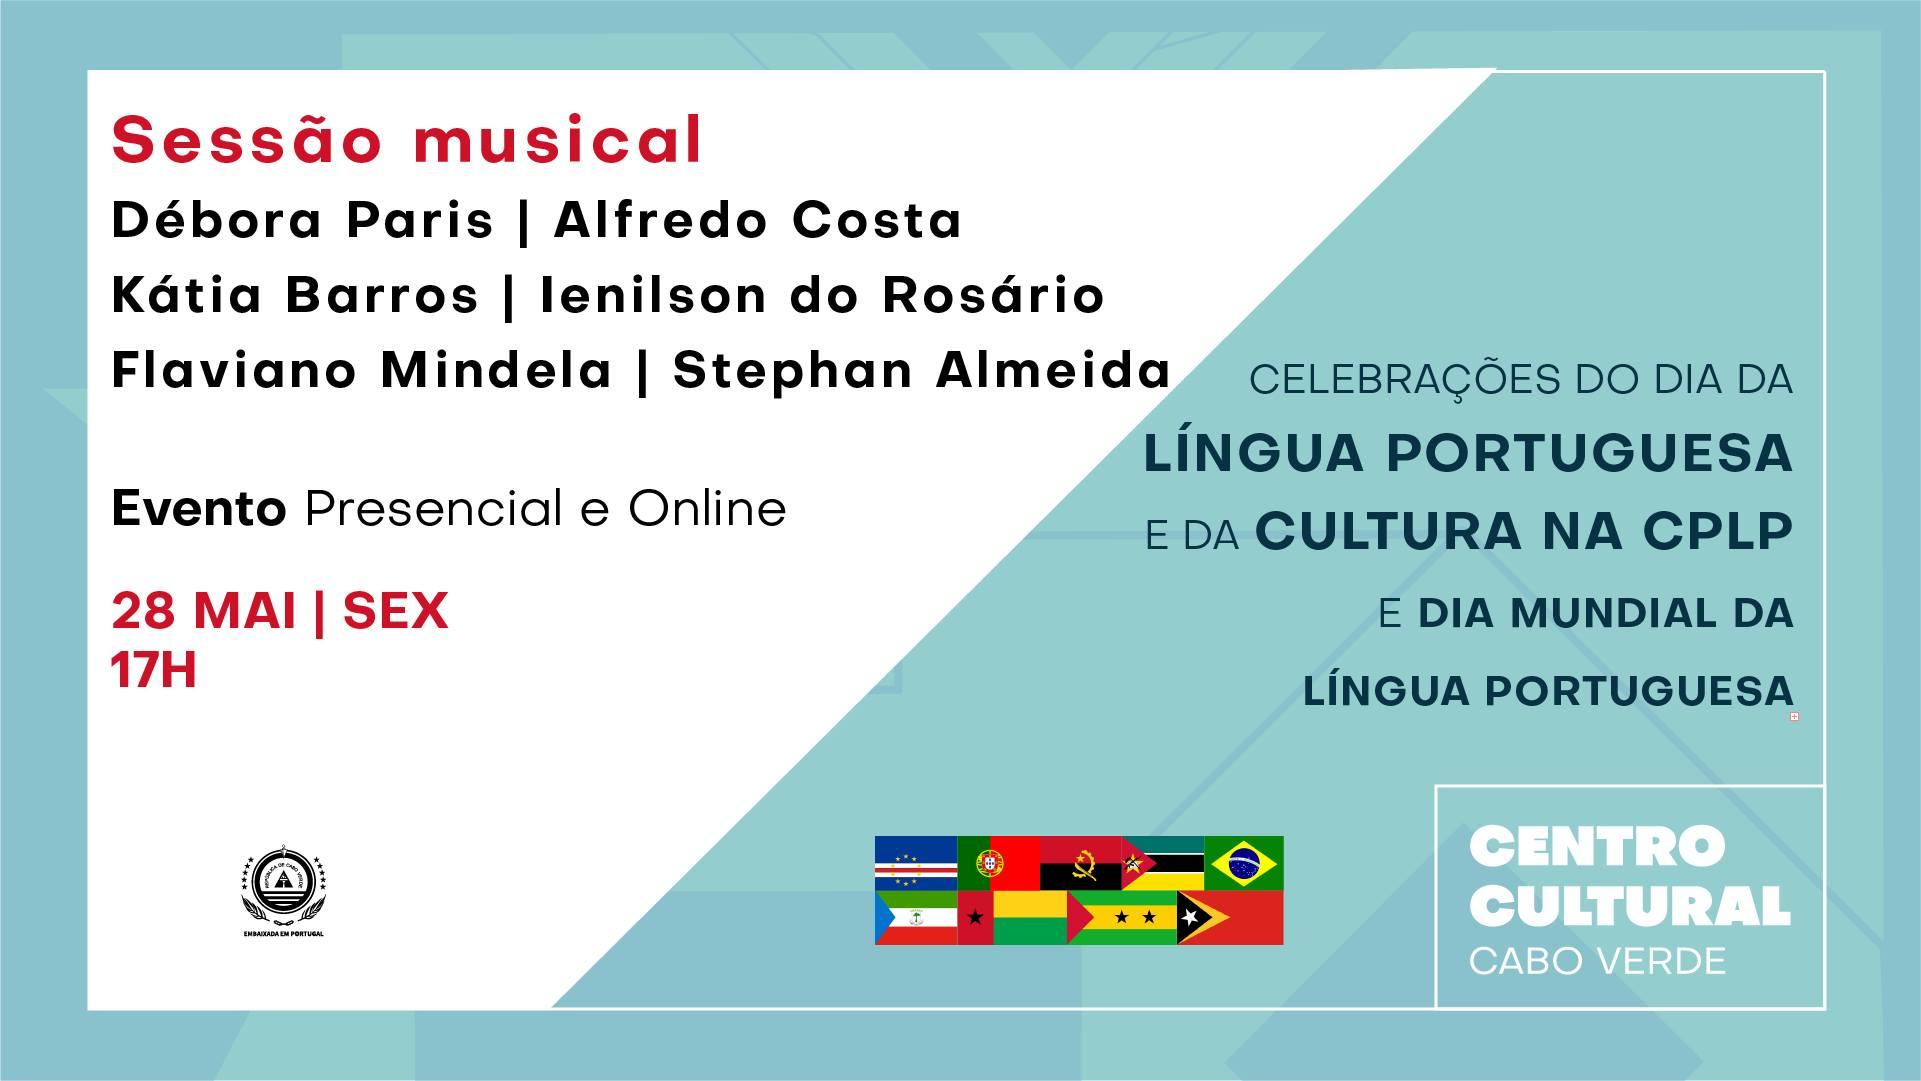 Sessão musical | Celebrações do Dia da Língua Portuguesa  e da Cultura na CPLP